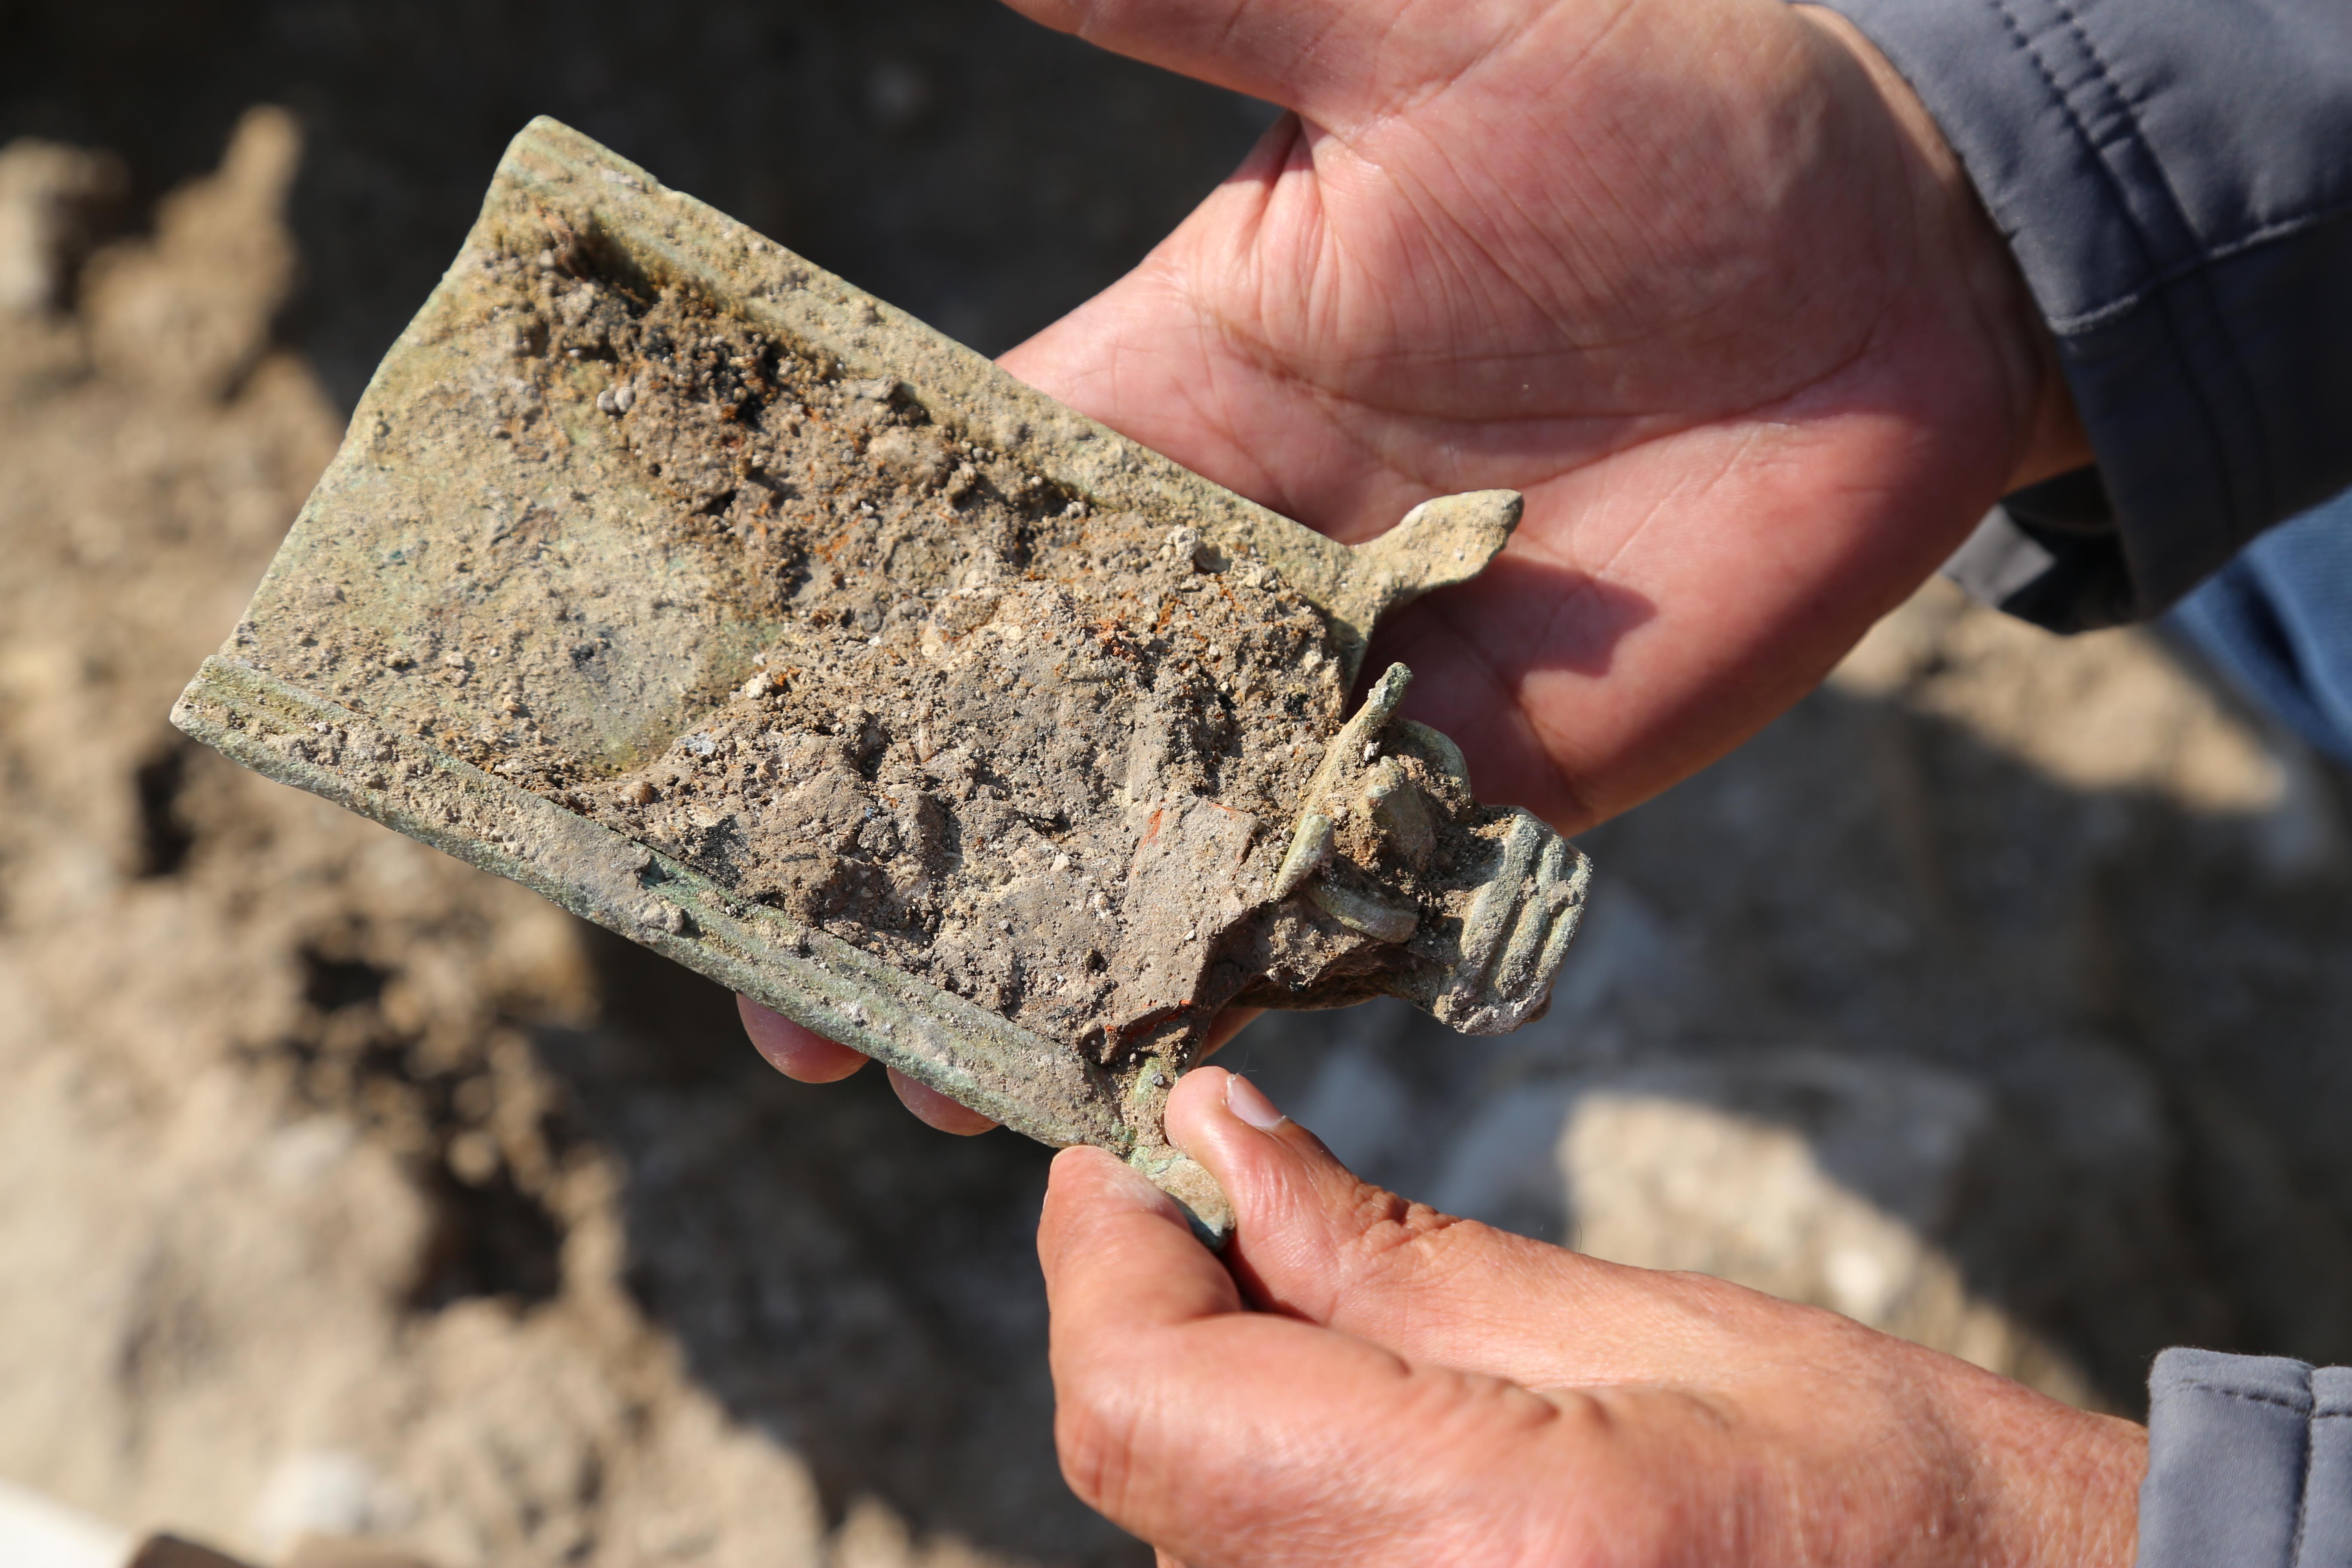 . המחתה כפי שנמצאה בחפירה. צילום: איאד בשארת, באדיבות רשות העתיקות